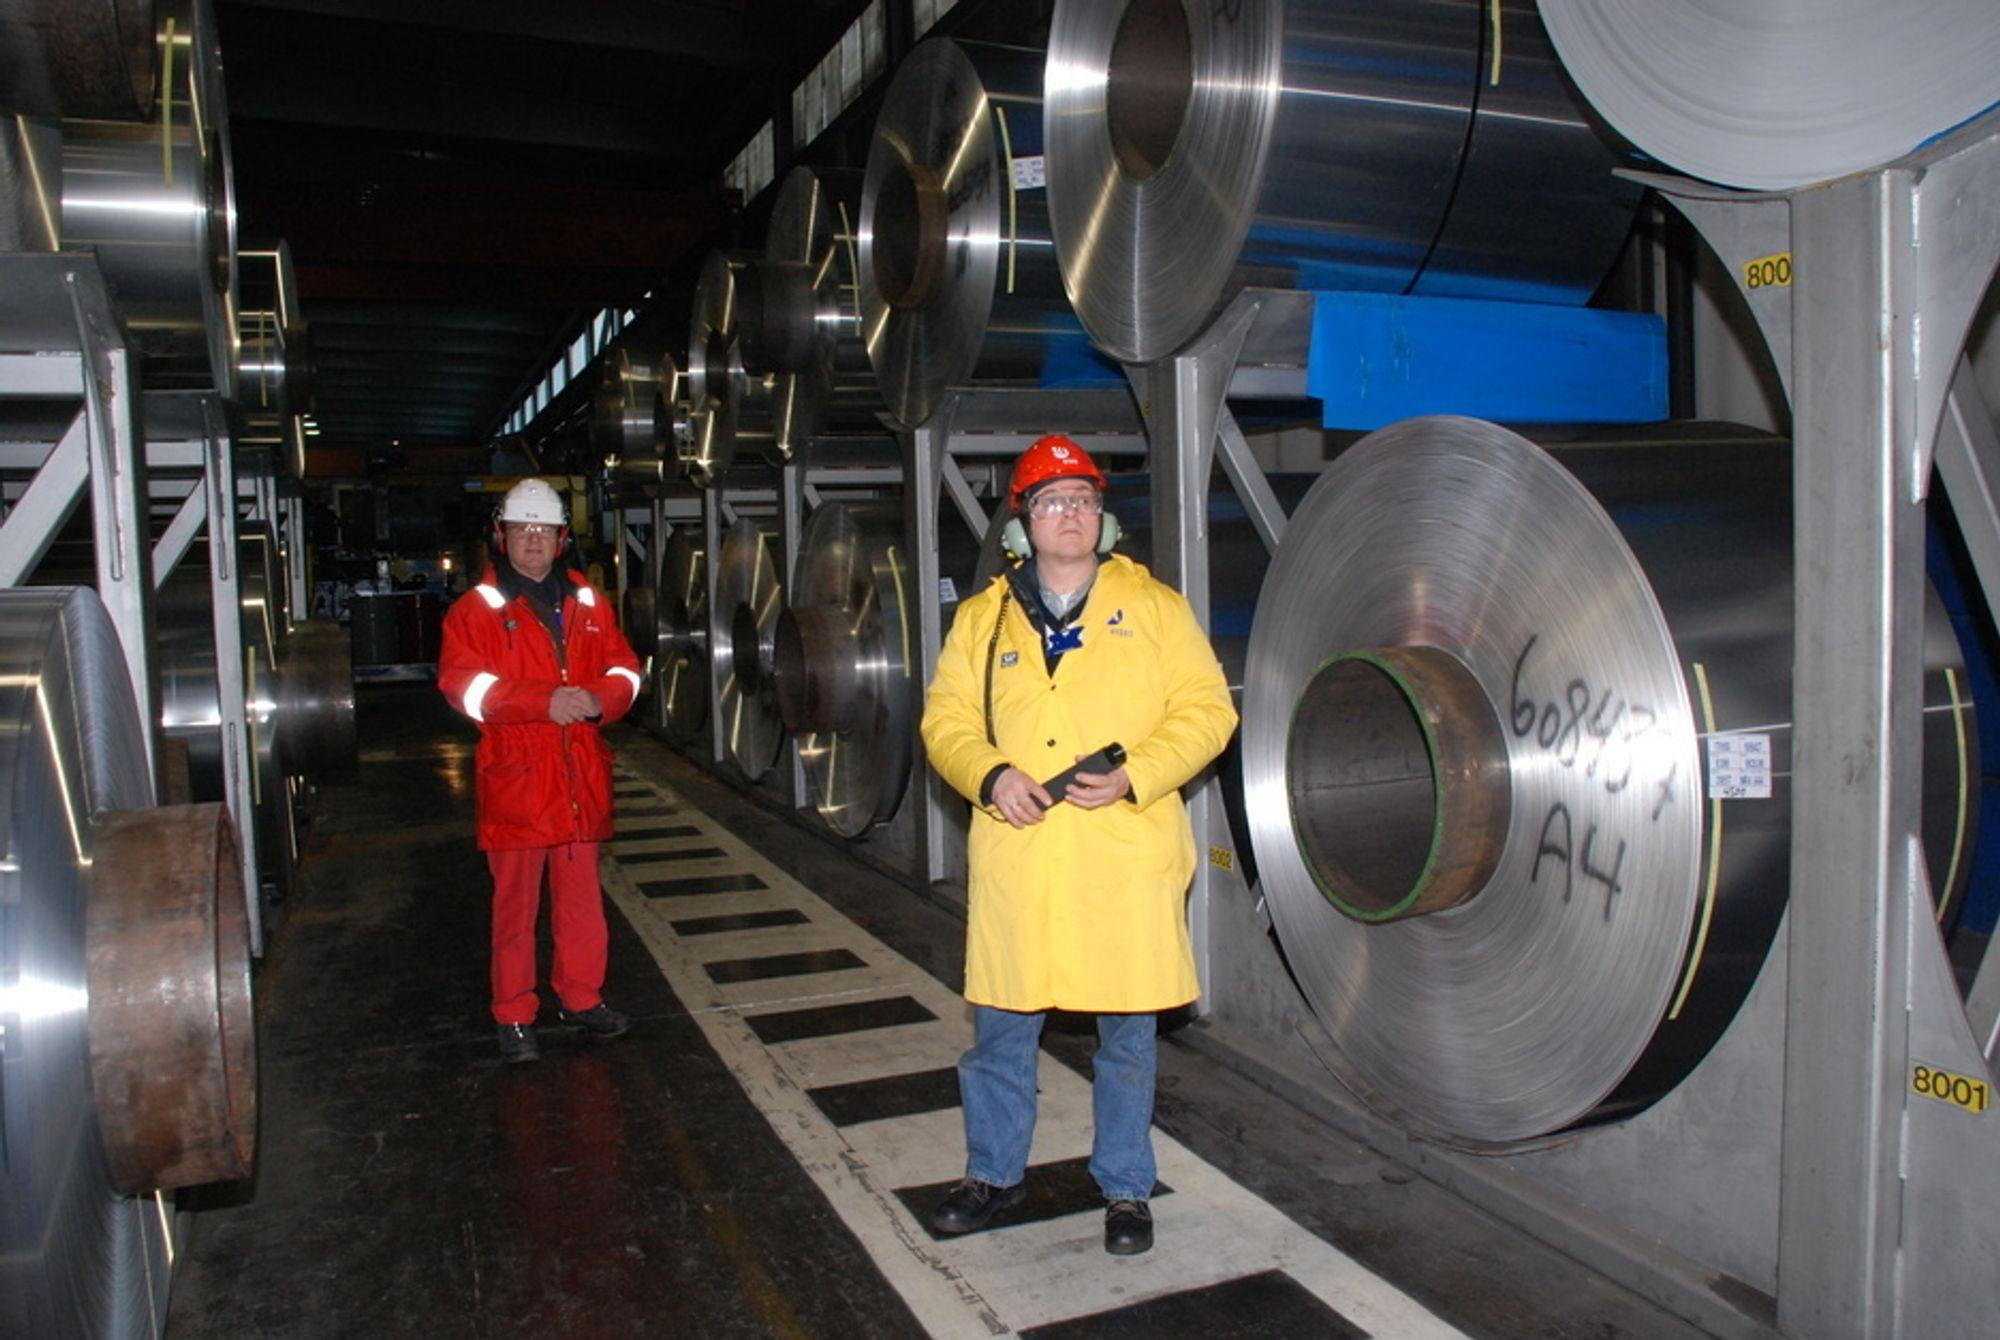 FOR LØNNSOMT FOR ENOVA-STØTTE: Tetting av trykkluftlekkasjer i industribedrifter kan spares inn over bare ett år, og det gjør det umulig å få Enova-støtte.